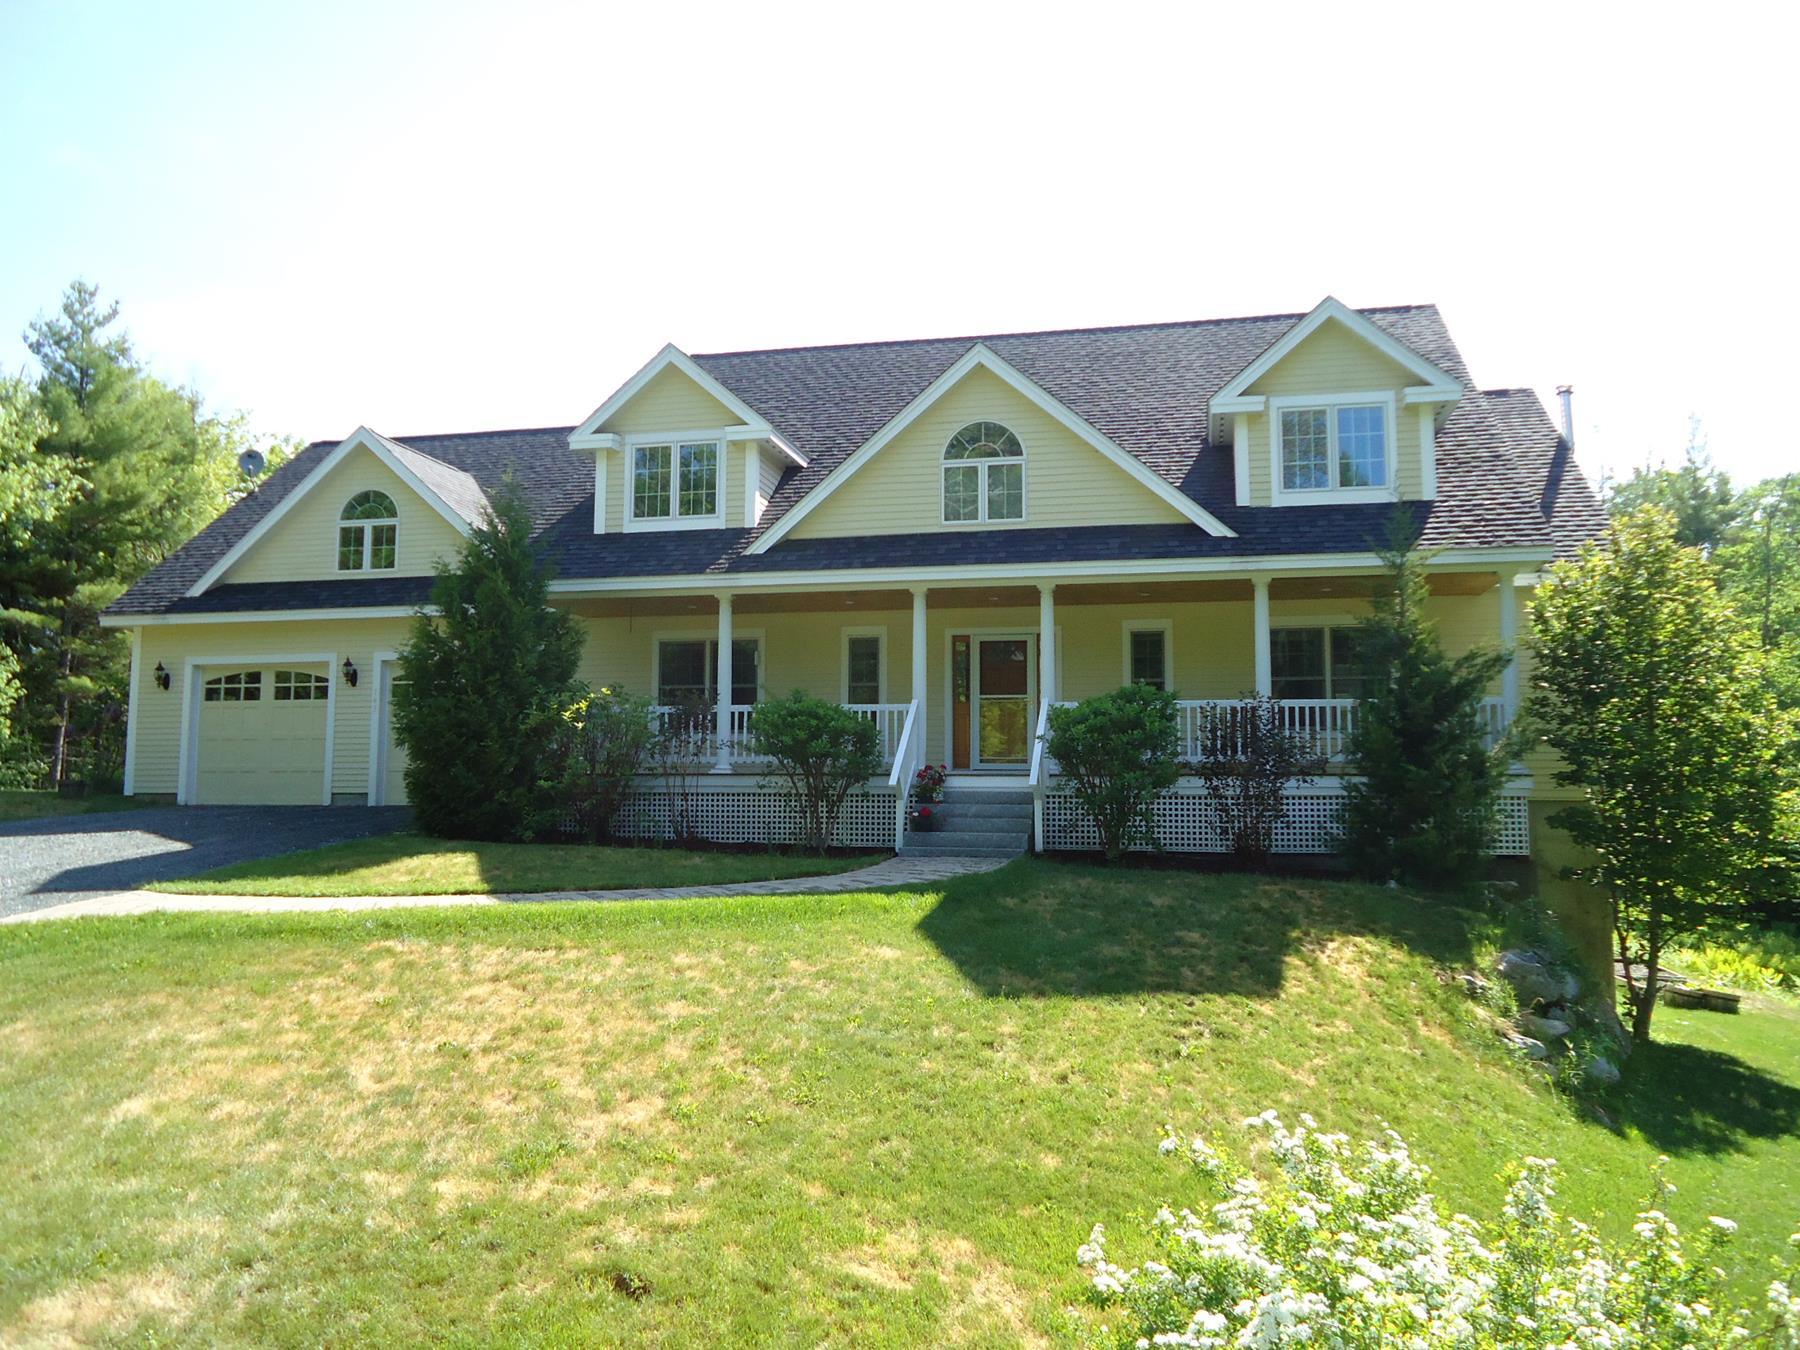 独户住宅 为 销售 在 143 Rowell Hill Rd., New London New London, 新罕布什尔州 03257 美国